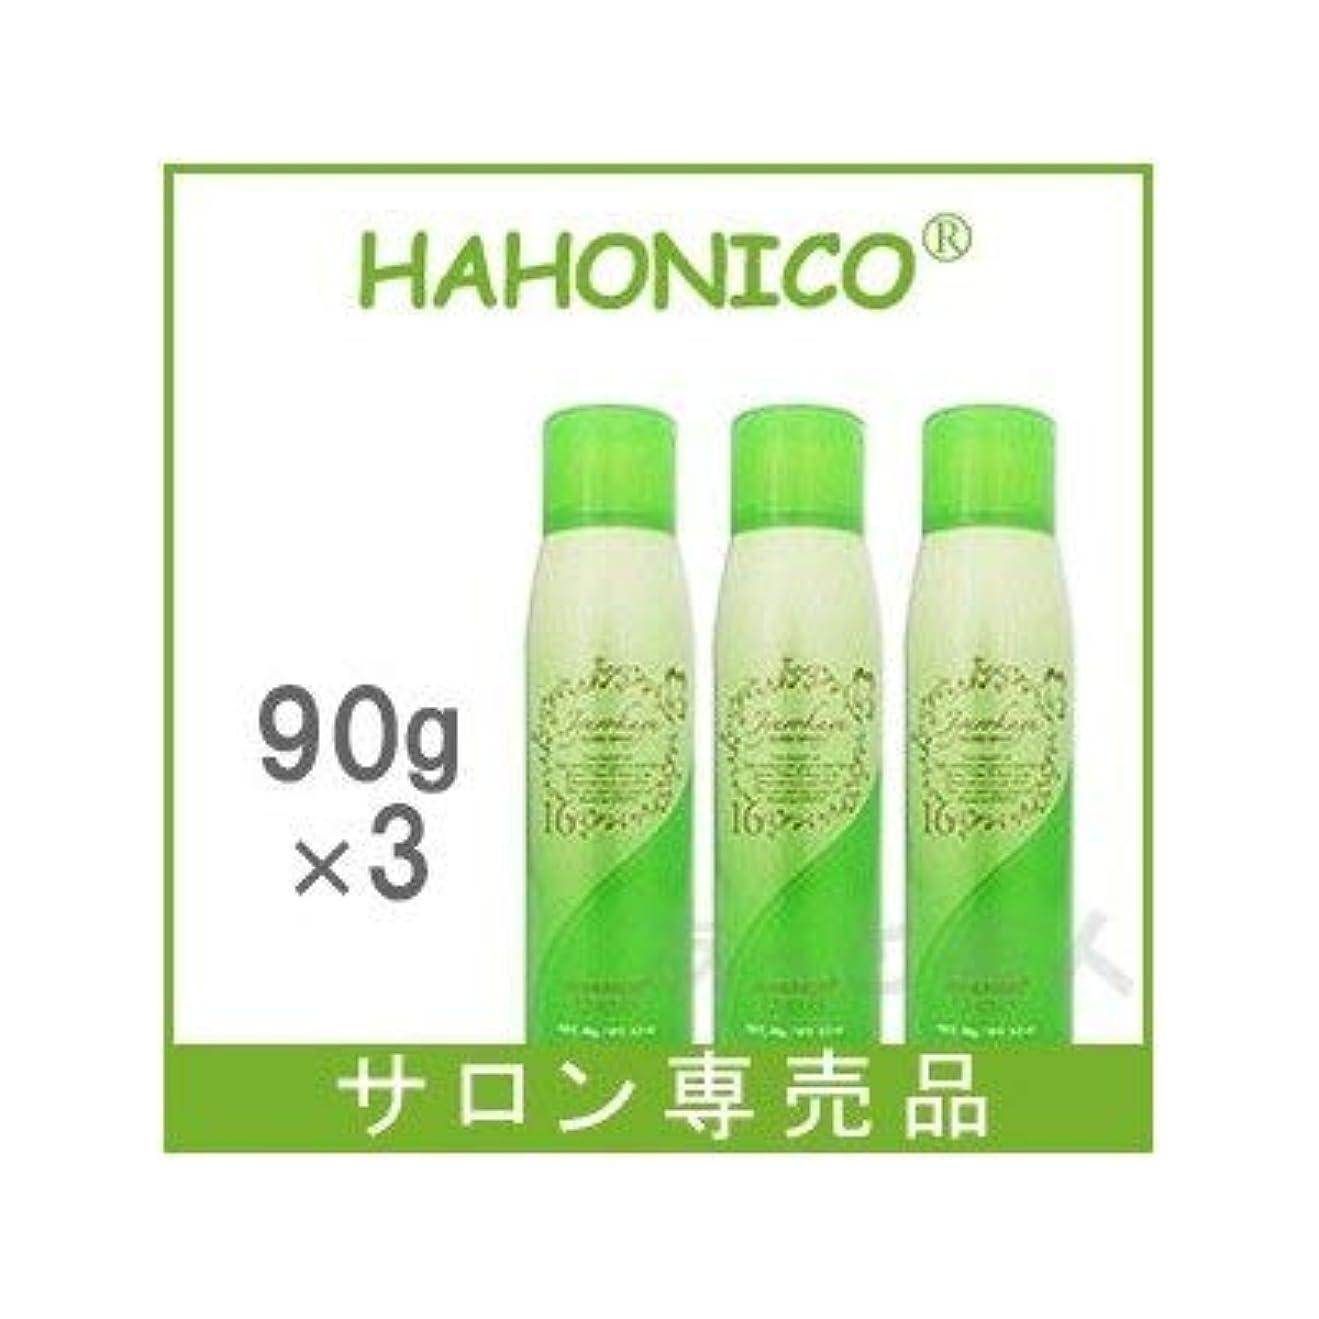 窒息させるそっとちょうつがい【X3個セット】 ハホニコ ジュウロクユ ツヤスプレー 90g 十六油 HAHONICO